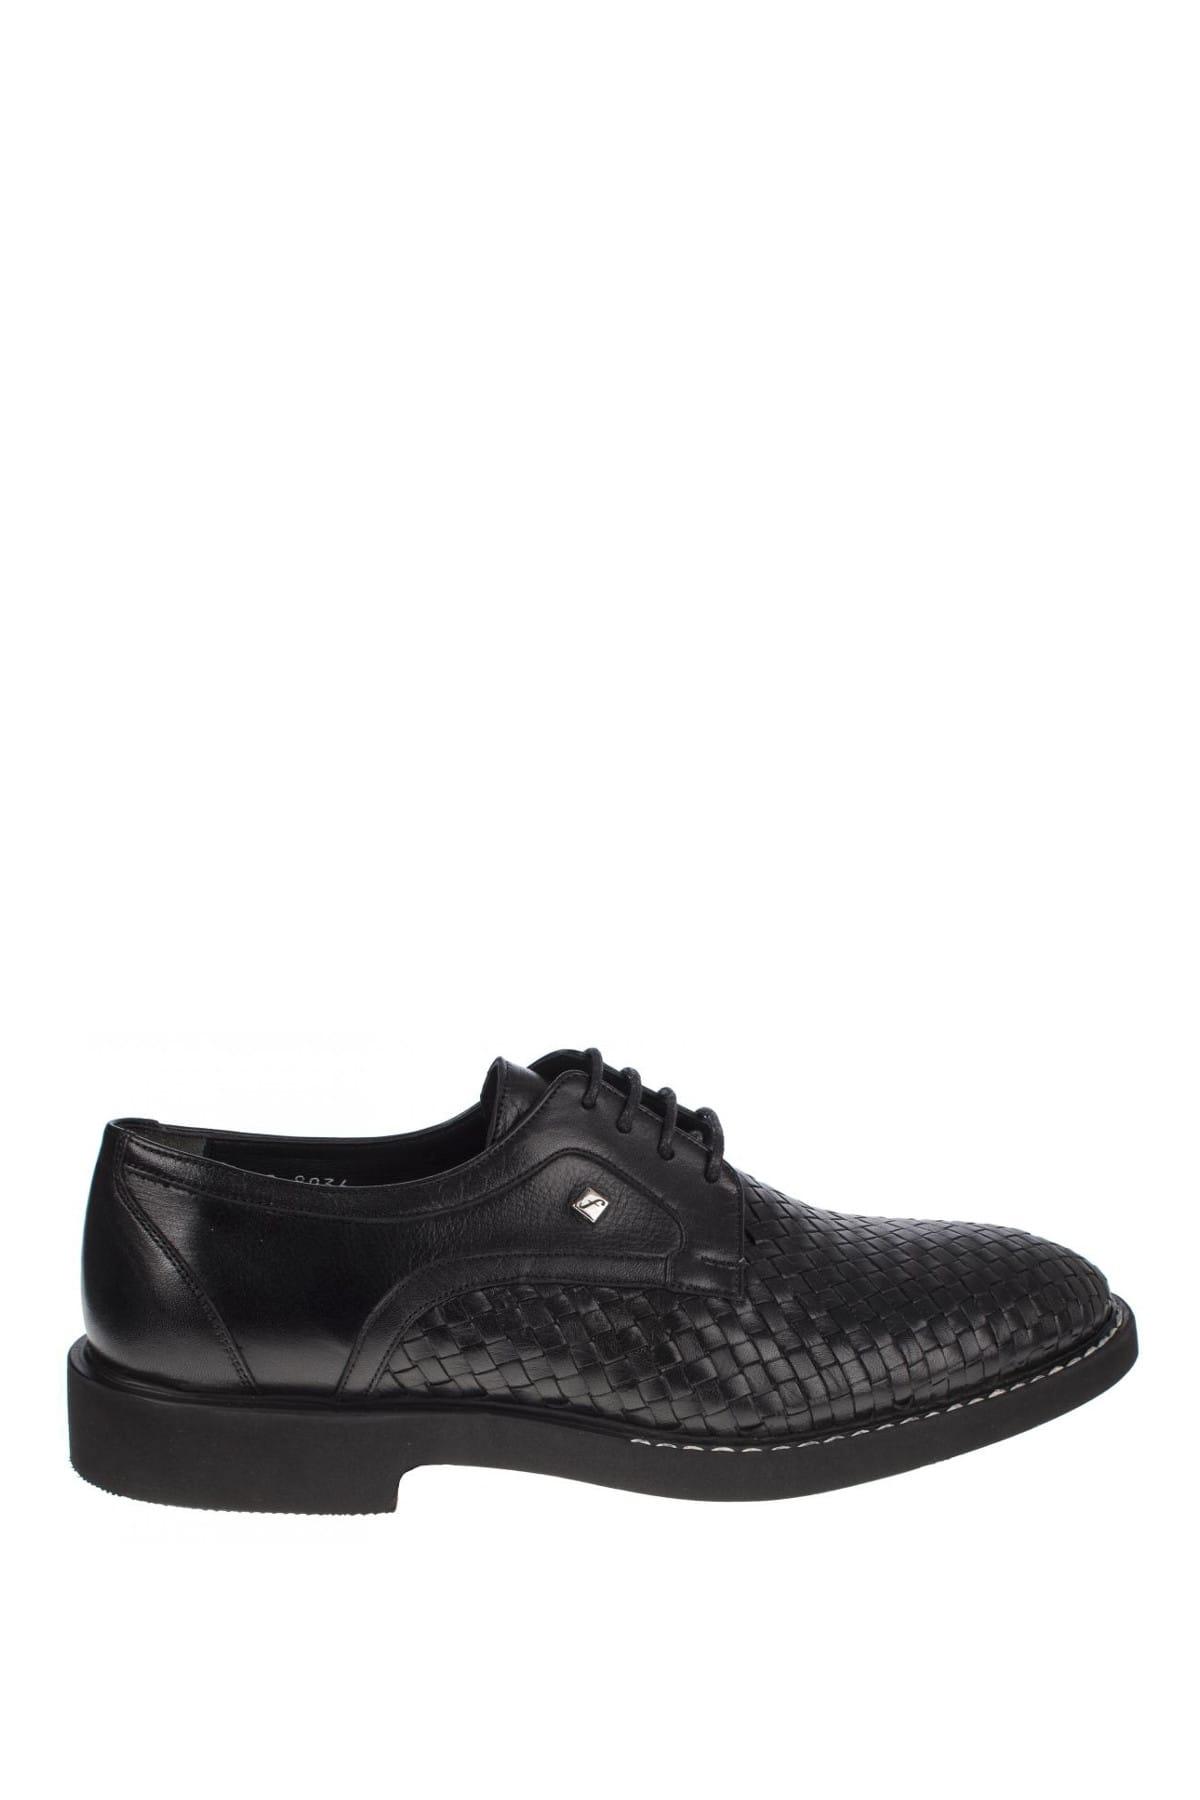 Fosco Hakiki Deri Siyah Erkek Ayakkabı 248 9036M 2